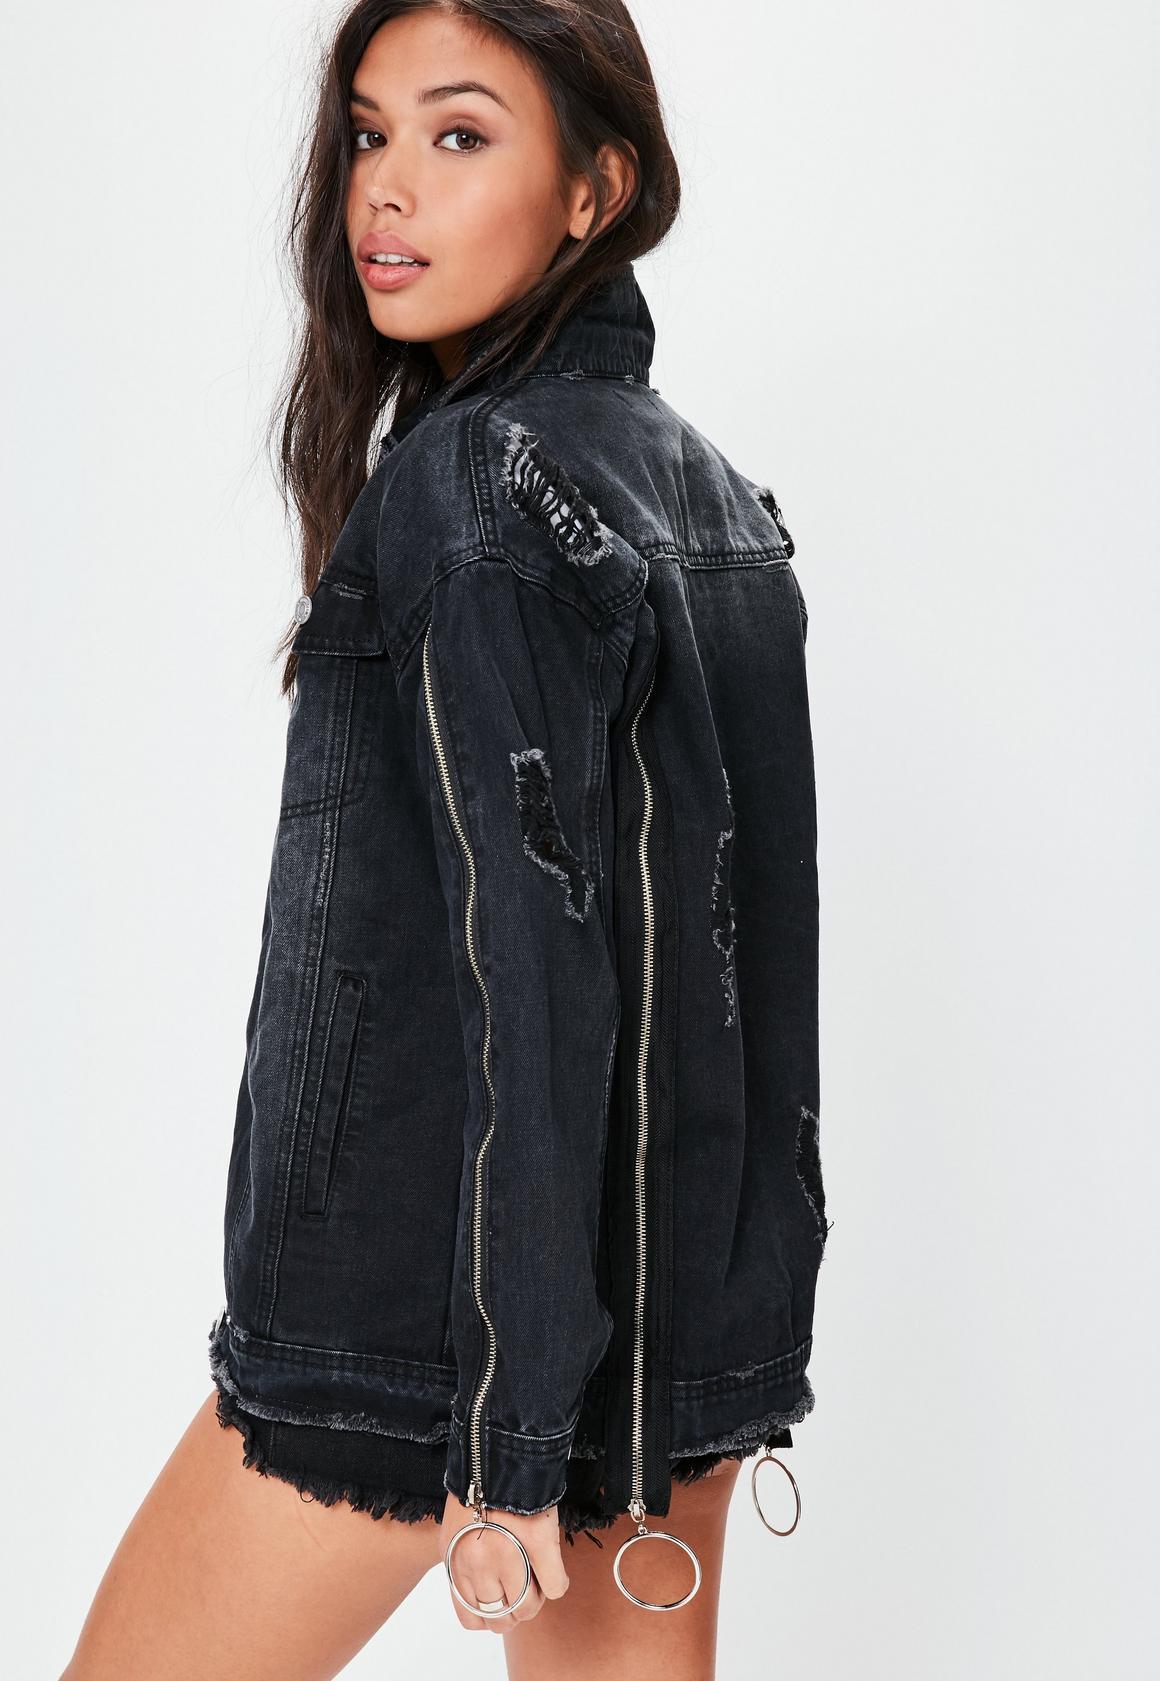 Women's Denim Jackets - Jean Jackets | Missguided